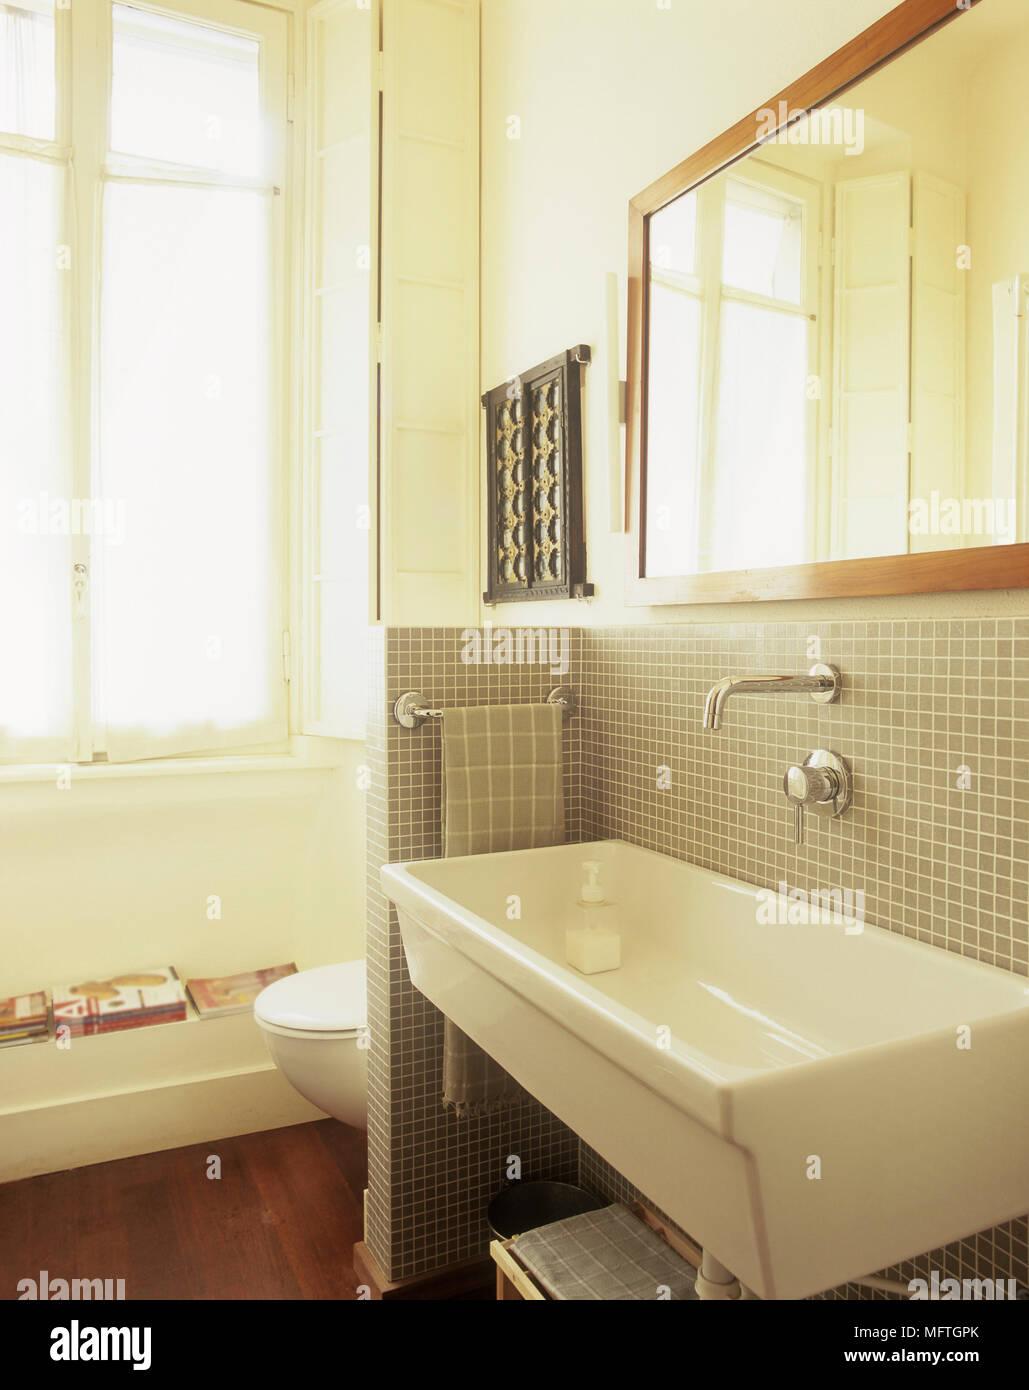 Super Waschbecken auf Fliesen- wand mit Spiegel über Wc hinter Partition DI47